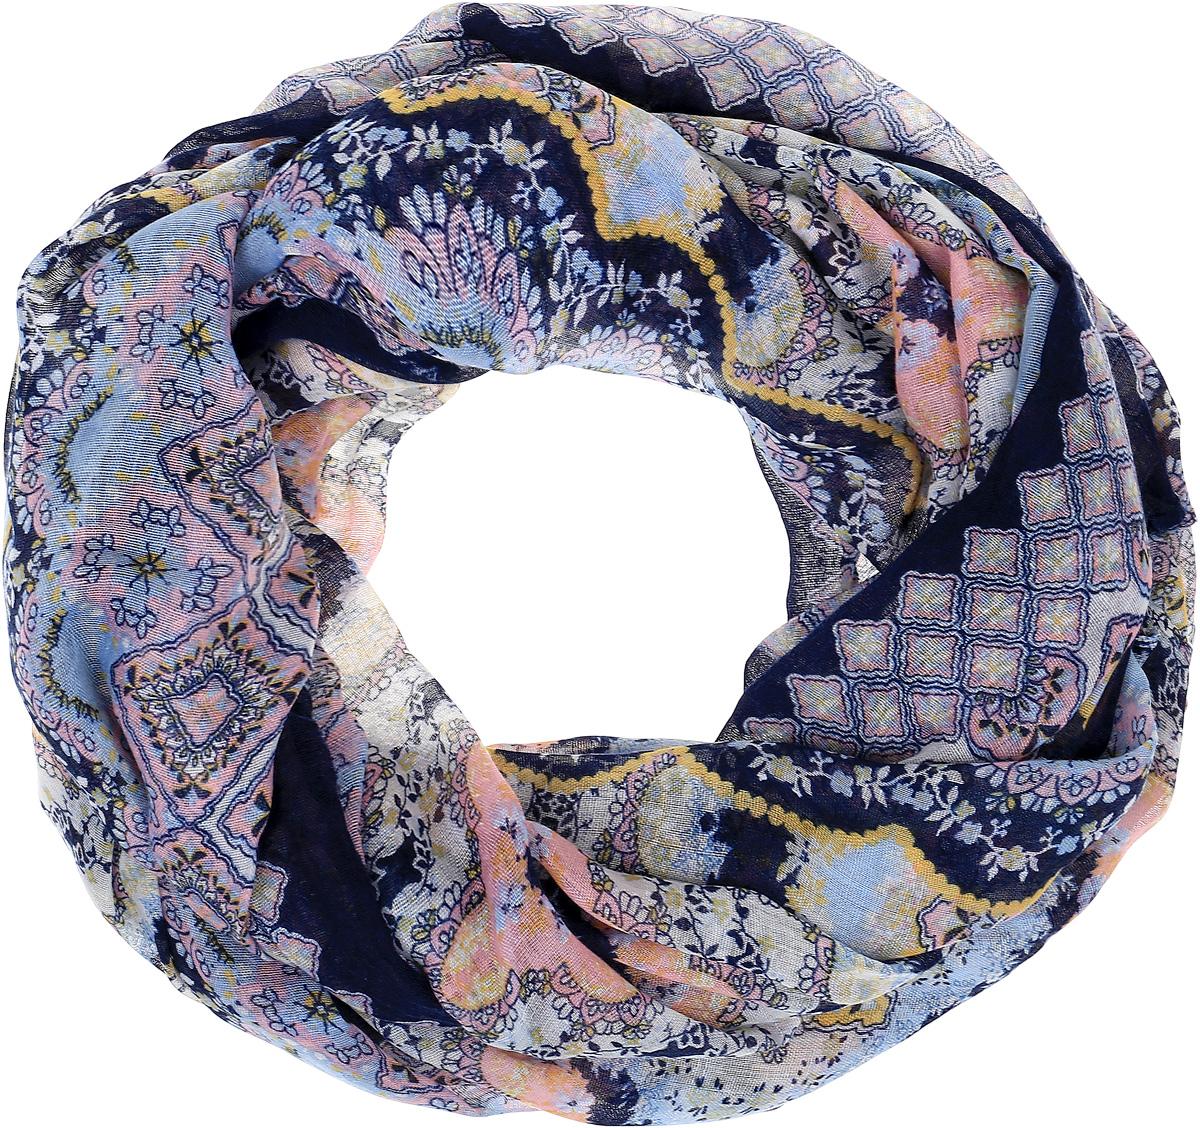 Палантин Sophie Ramage, цвет: синий, розовый. HL-21667-9. Размер 80 см х 180 смHL-21667Элегантный палантин Sophie Ramage станет достойным завершением вашего образа. Палантин изготовлен из высококачественного модала с добавлением шерсти. Оформлена модель стильными узорами. Палантин красиво драпируется, он превосходно дополнит любой наряд и подчеркнет ваш изысканный вкус. Легкий и изящный палантин привнесет в ваш образ утонченность и шарм.